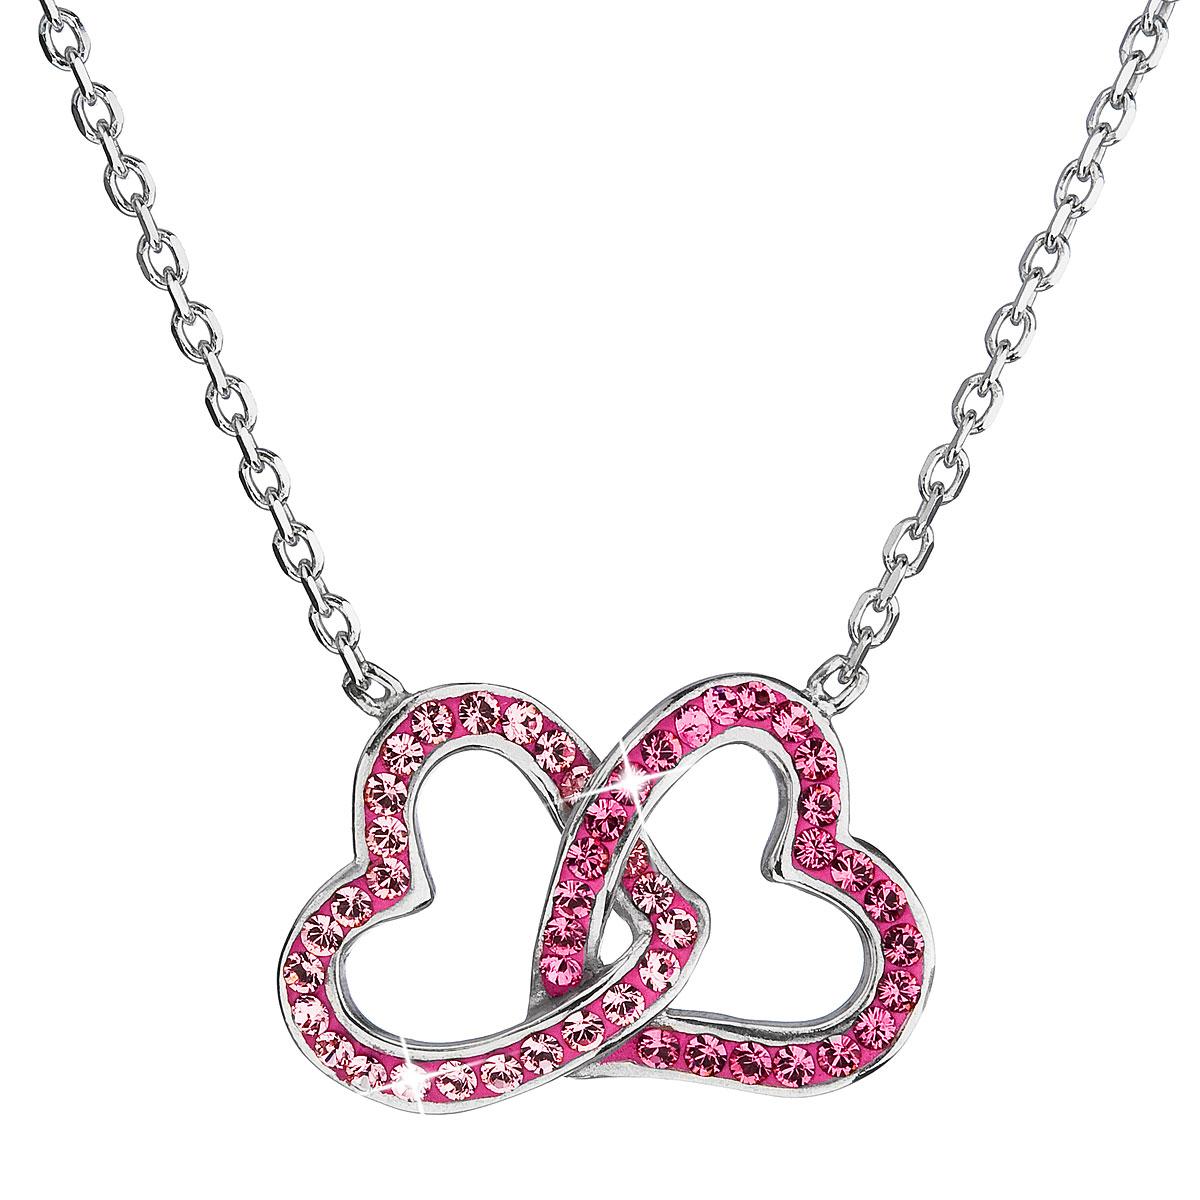 7d26ab293 Evolution Group Stříbrný náhrdelník s krystaly Swarovski srdce růžový  32015.3, dárkové balení